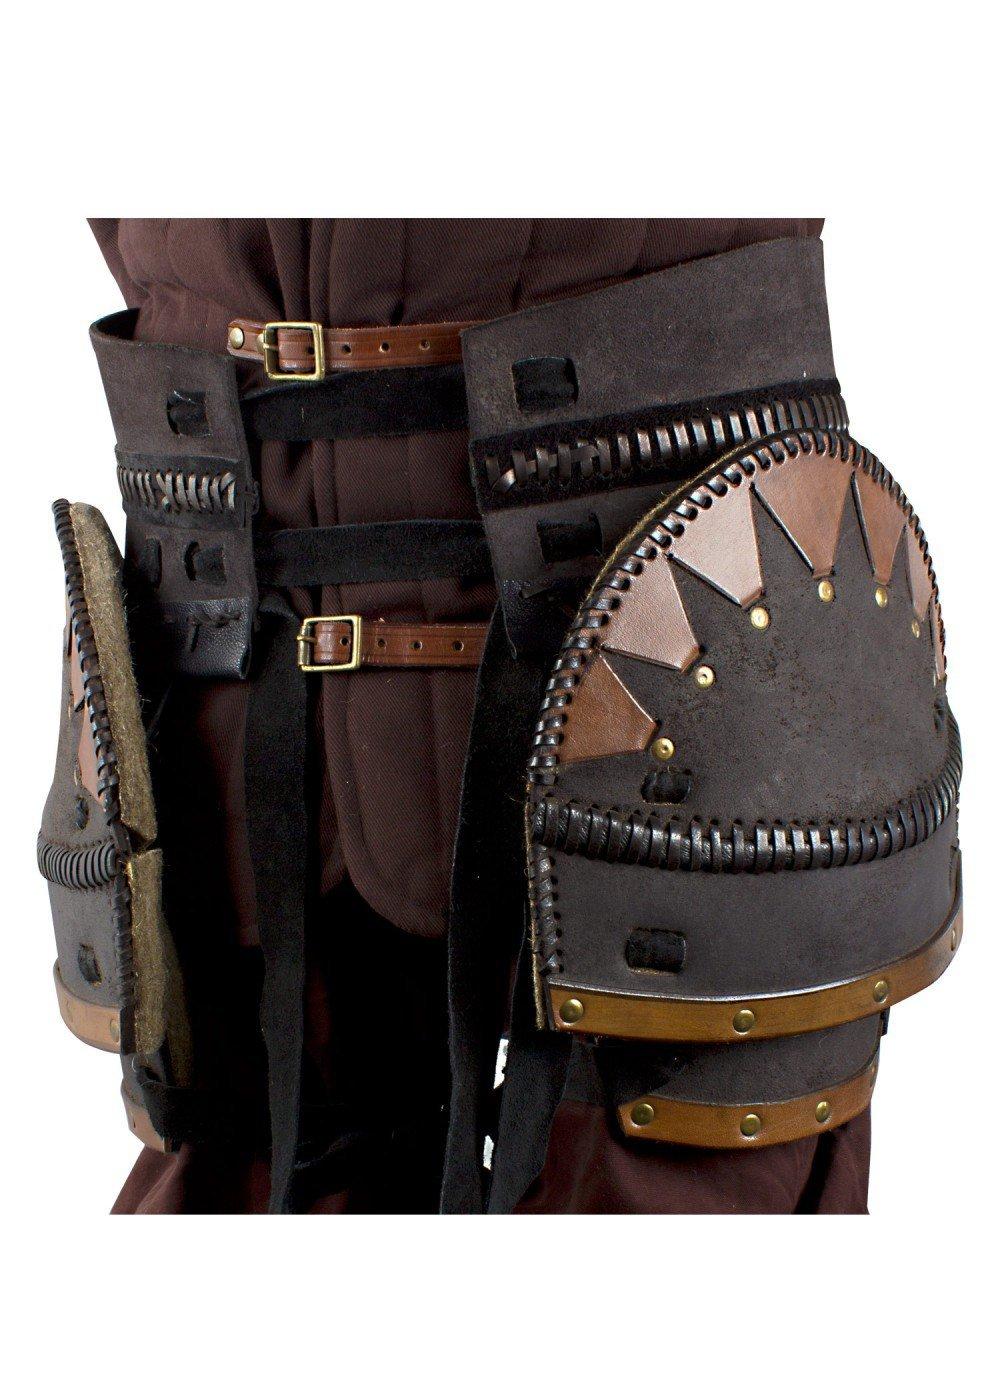 Gürtel mit Beintaschen Ork Brute, LARP-Lederrüstung Braun oder Schwarz Mittelalter Wikinger